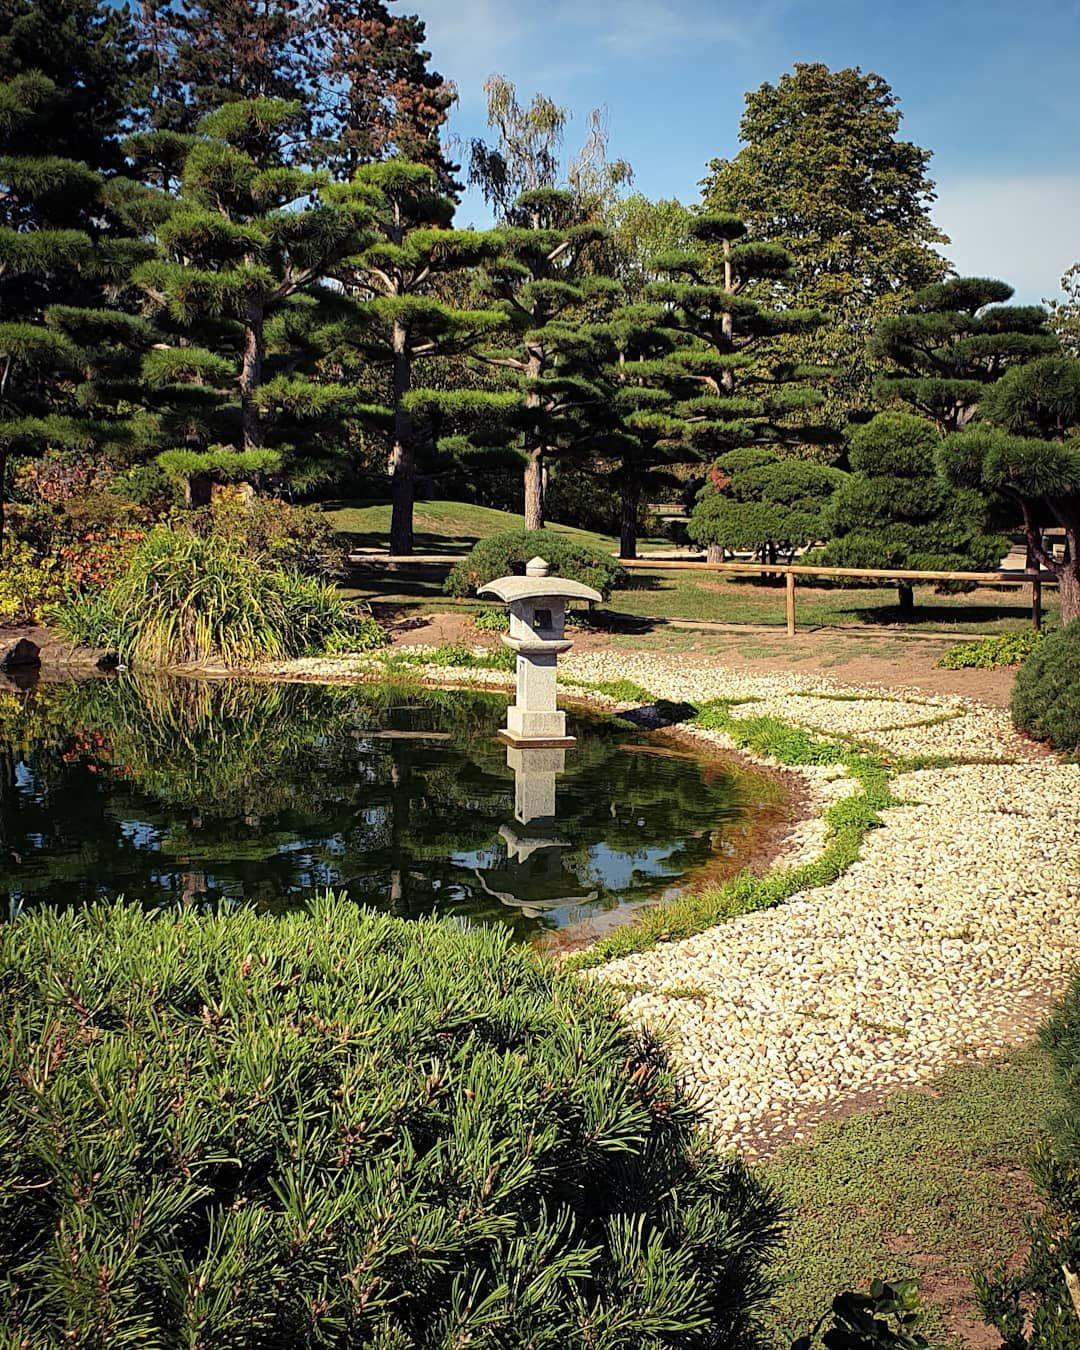 Japanese Garden Dusseldorf Germany Japanesegarden Gardendesign Orientaldesign Parkdesign Nature Greenzone Japanesestyl Japanischer Garten Garten Japan